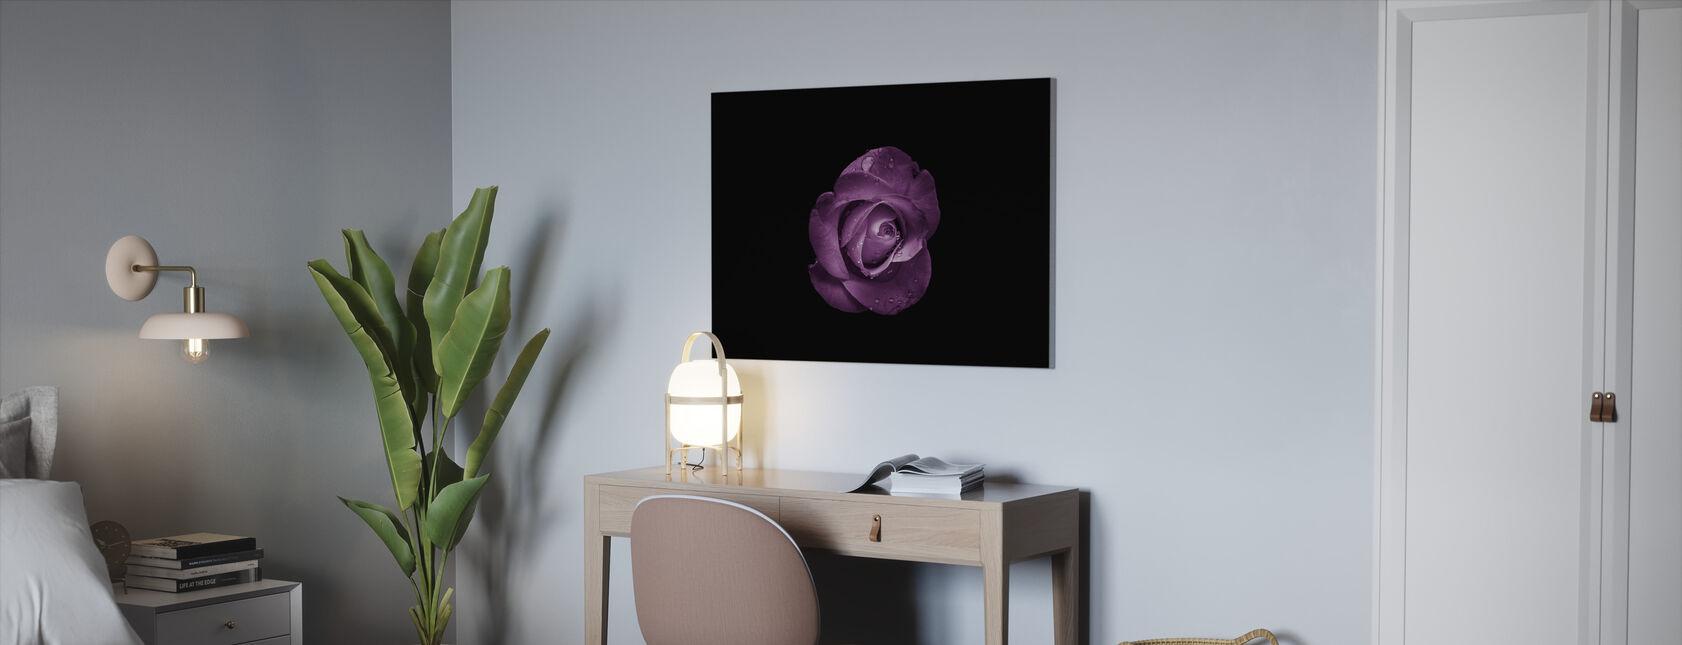 Bloem met Waterdruppels - Canvas print - Kantoor